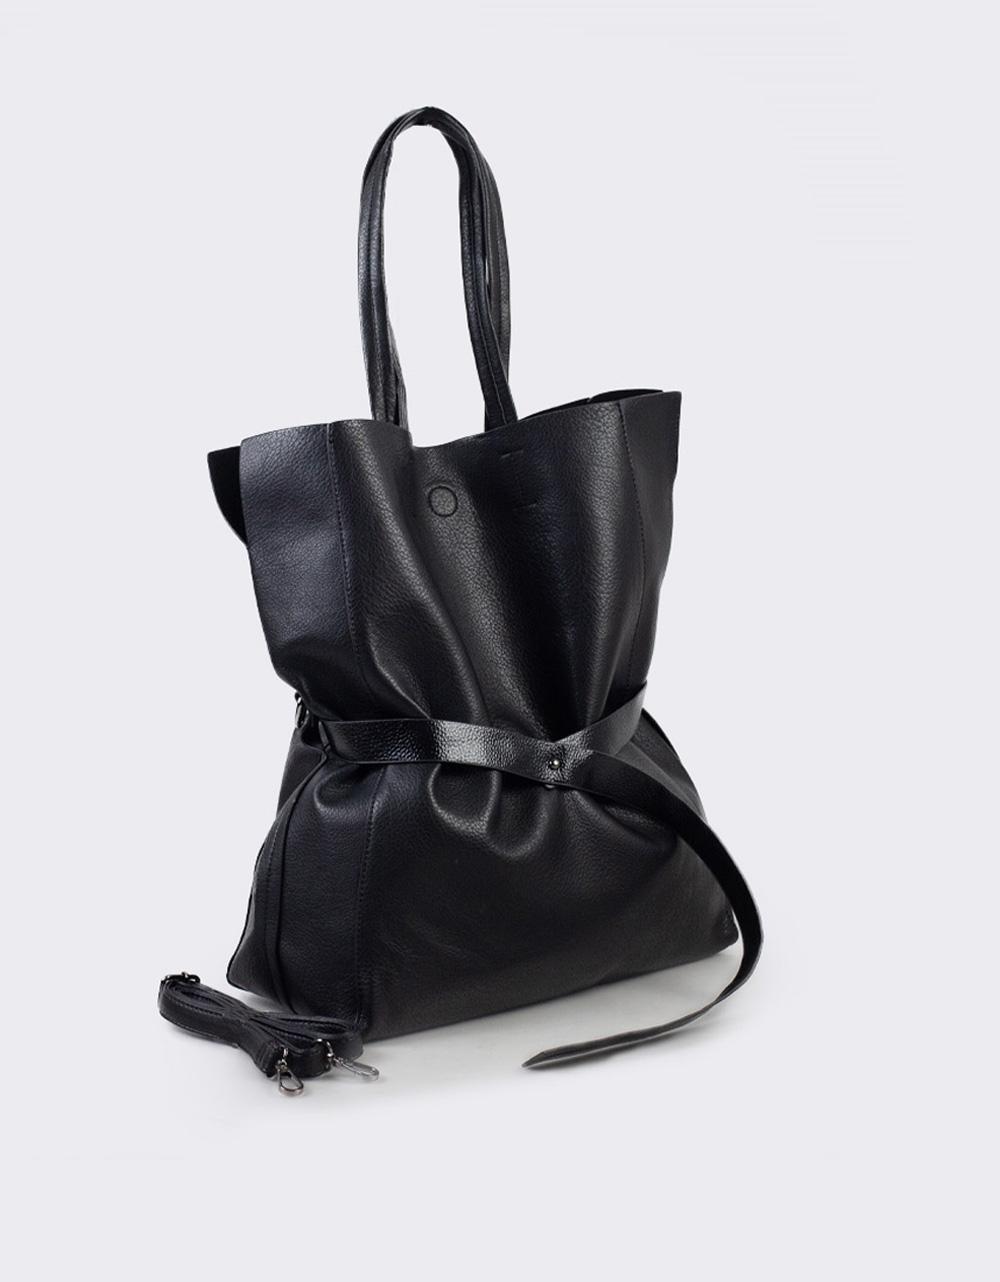 Εικόνα από Γυναικεία τσάντα με διακοσμητική ζώνη Μαύρο